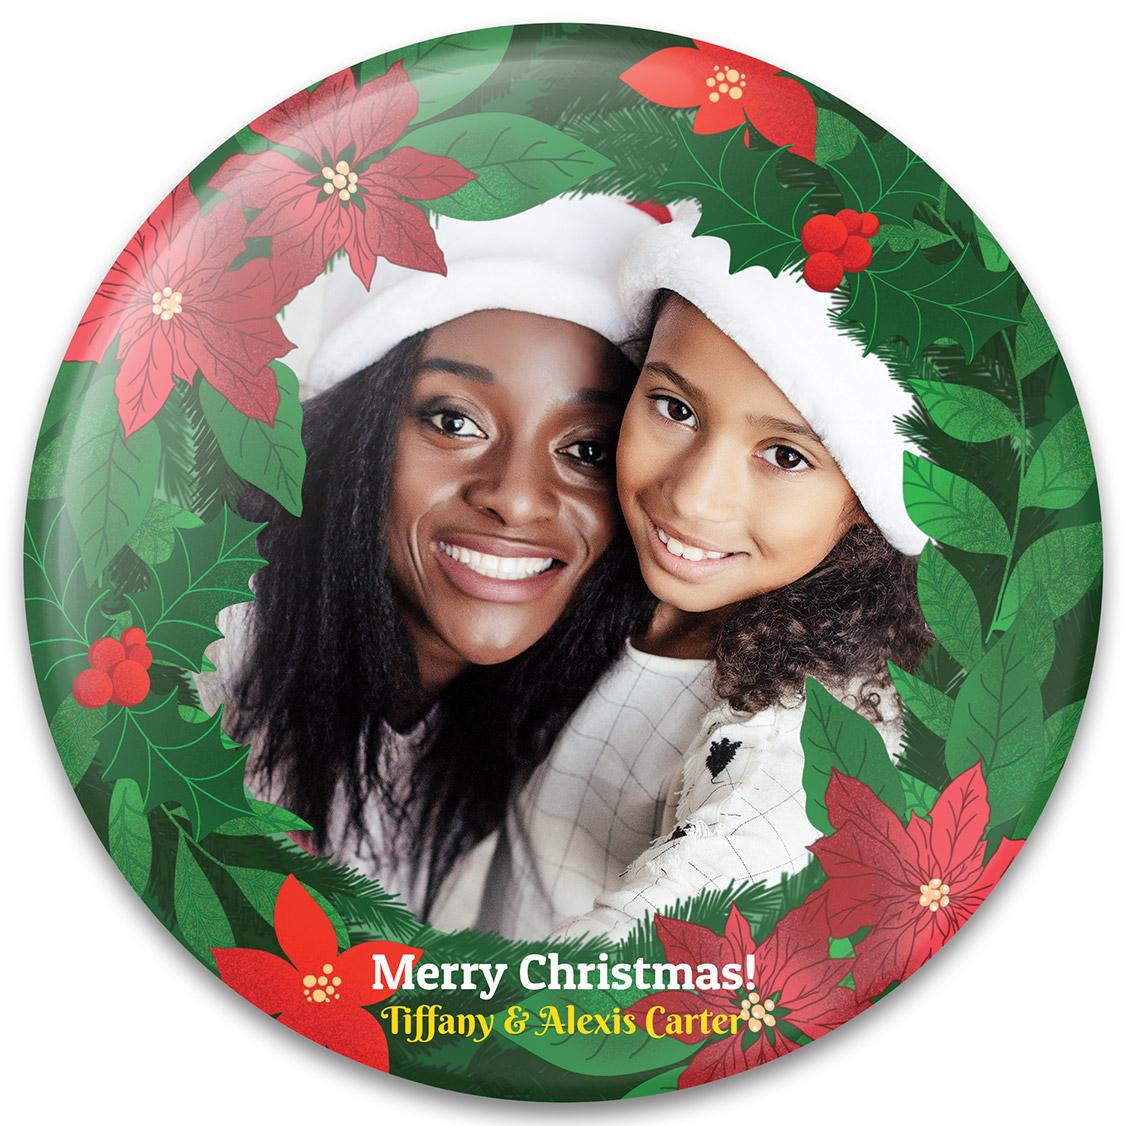 Poinsettia Wreath Christmas Photo Gift